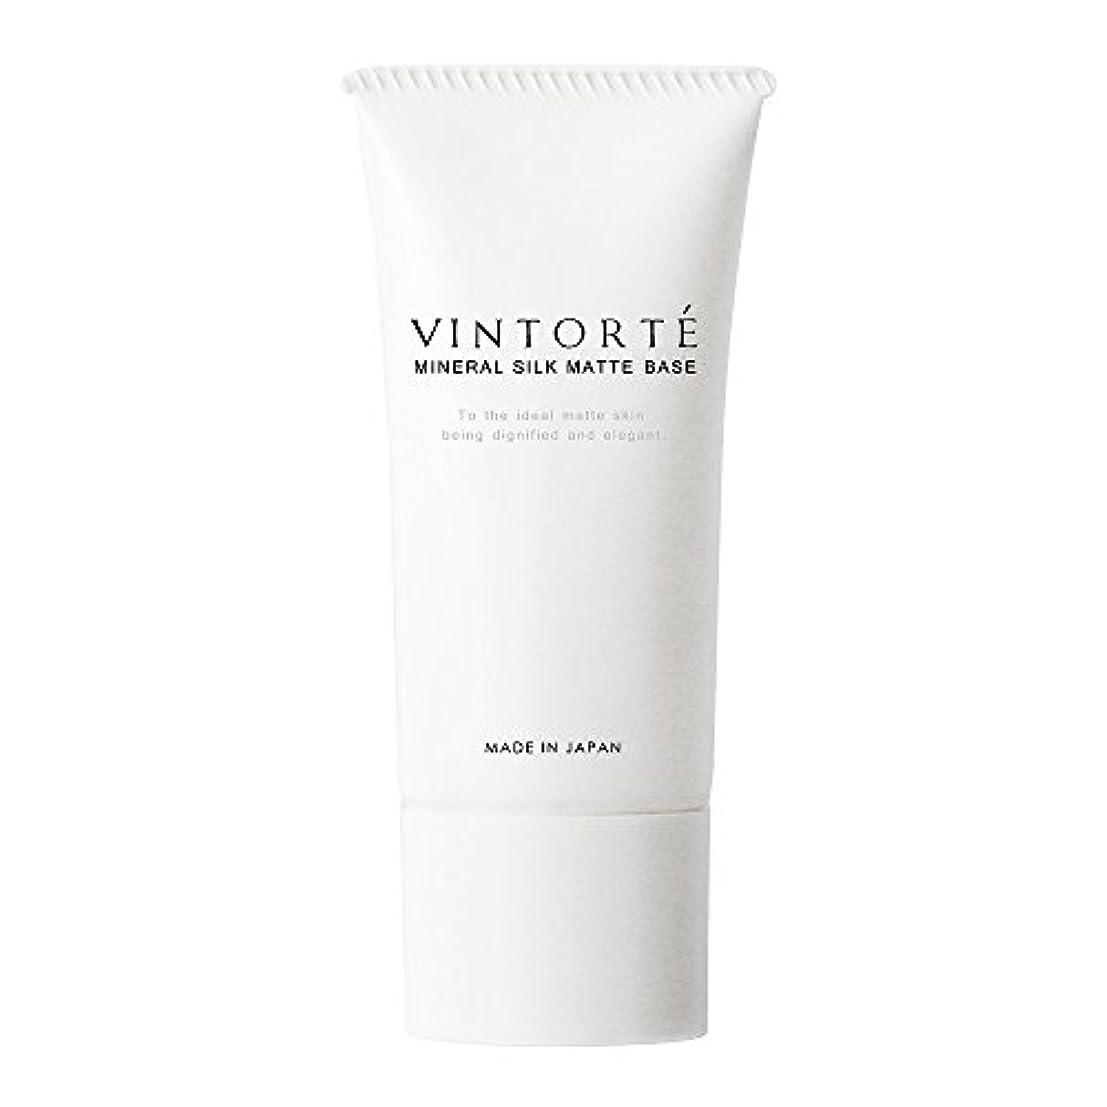 しかしながらの前で神話VINTORTE ミネラル シルク マットベース ヴァントルテ 化粧下地 クリーム ベースメイク v-msmb